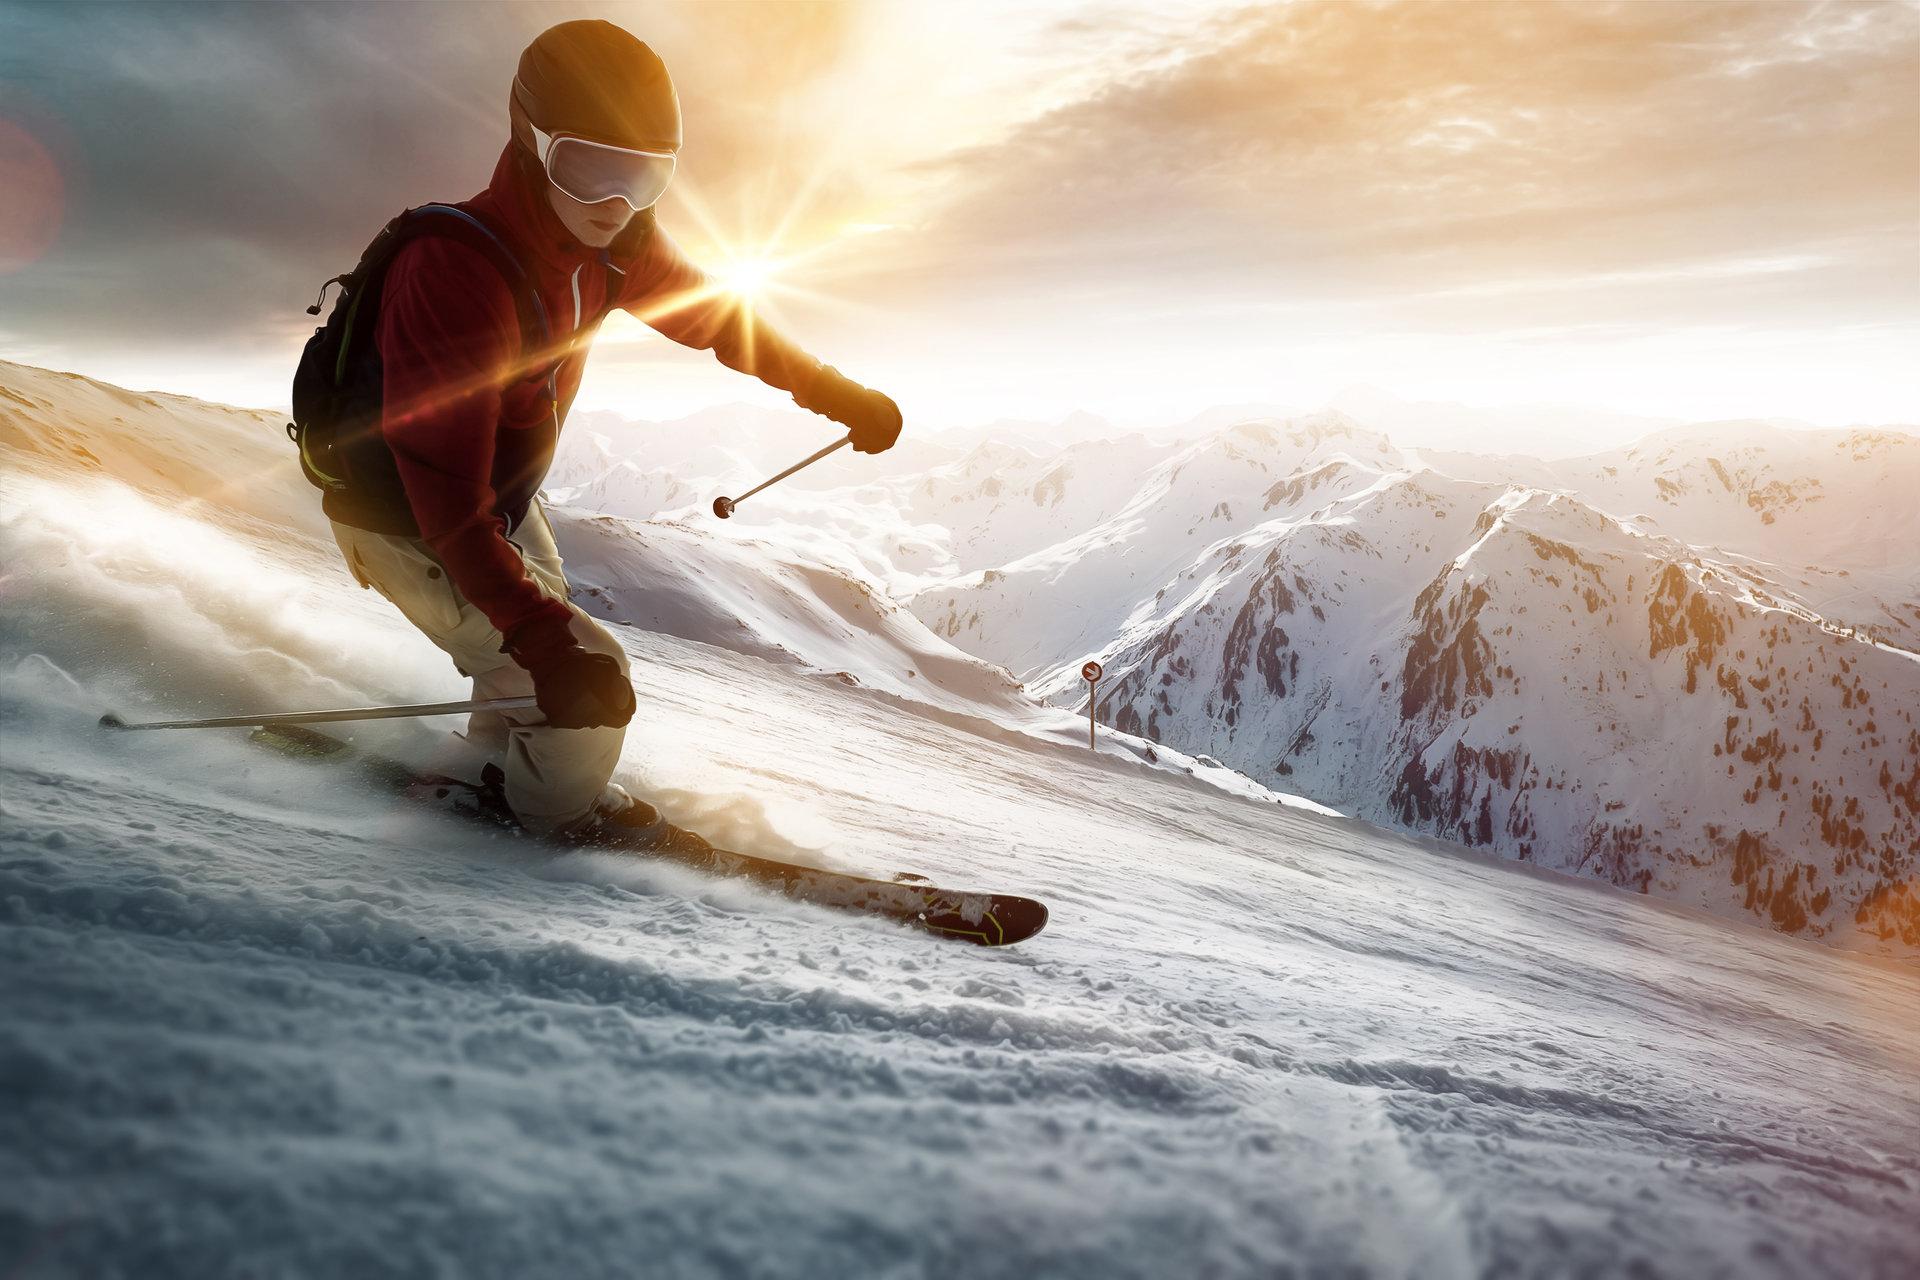 Special ski de printemps à Tignes : 15% de remise sur votre location